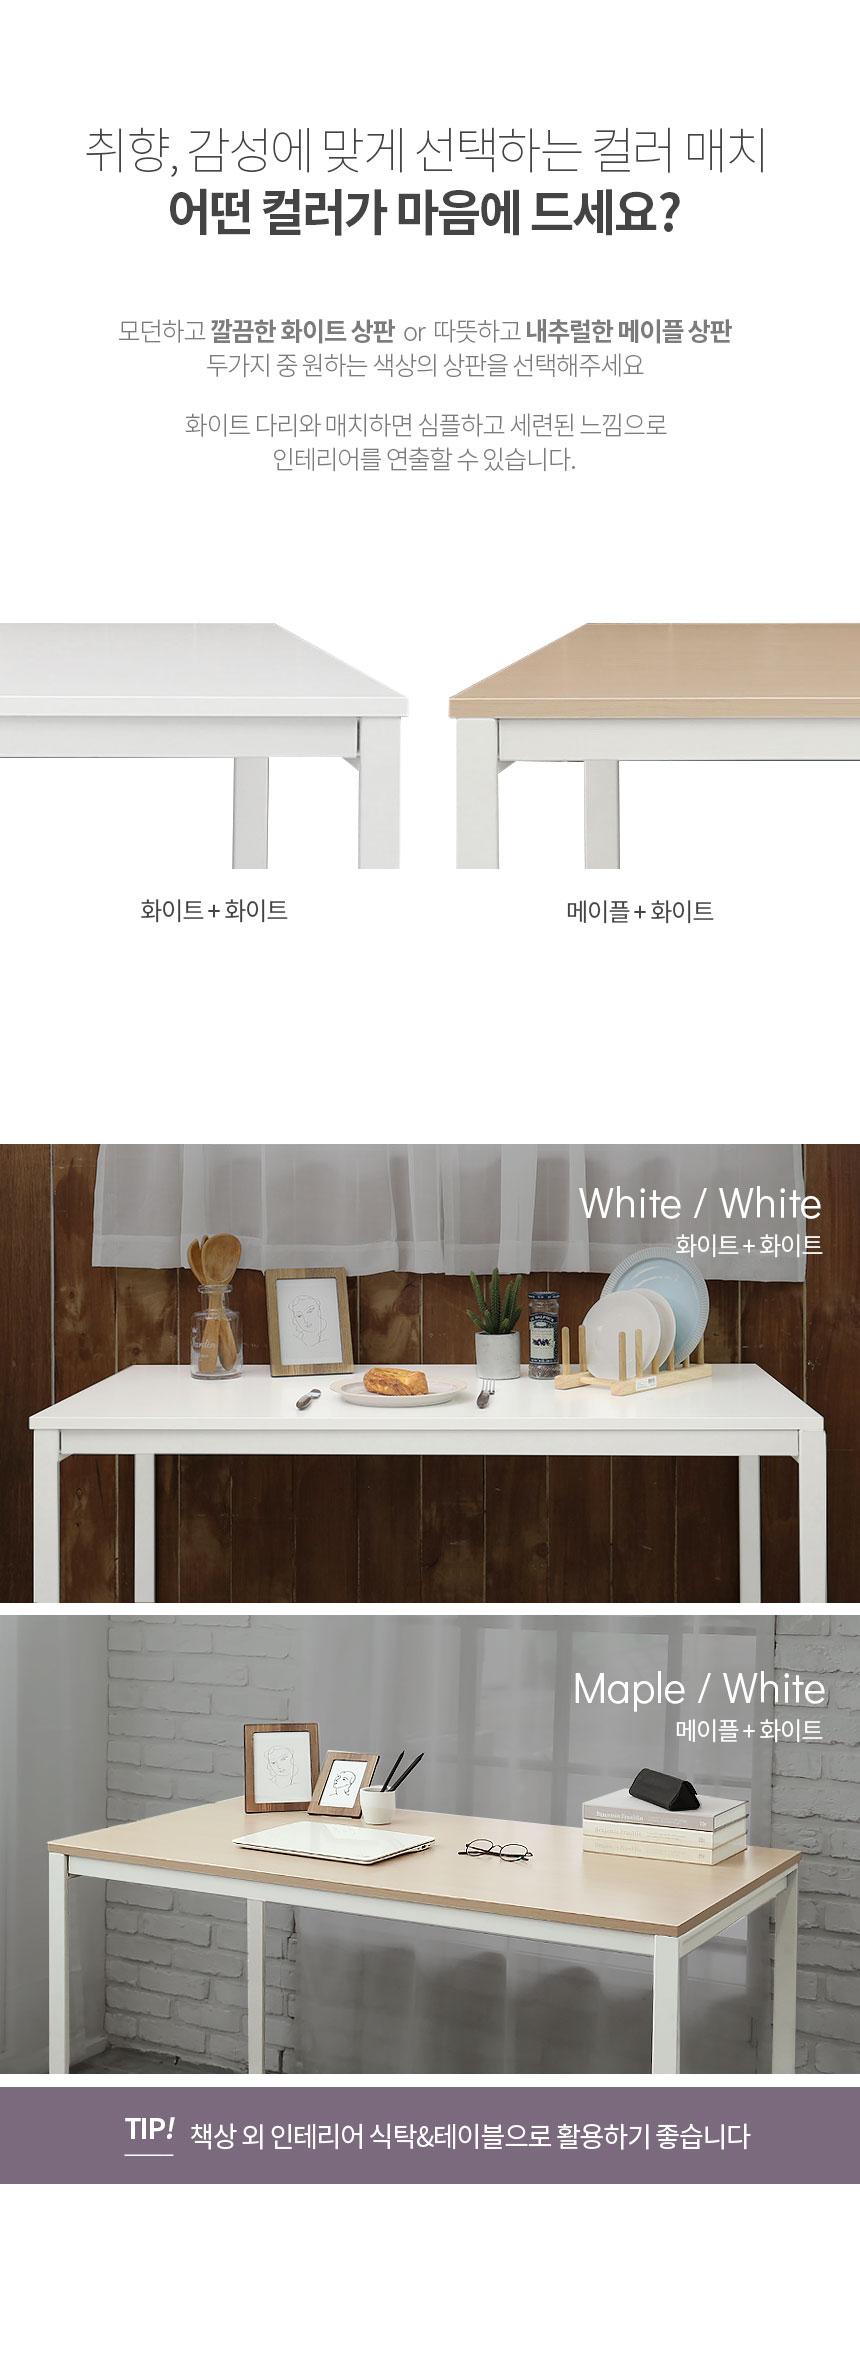 필웰 스틸프레임 스퀘어 책상 1200x600 DK9625 - 필웰, 89,000원, 책상/의자, 일반 책상